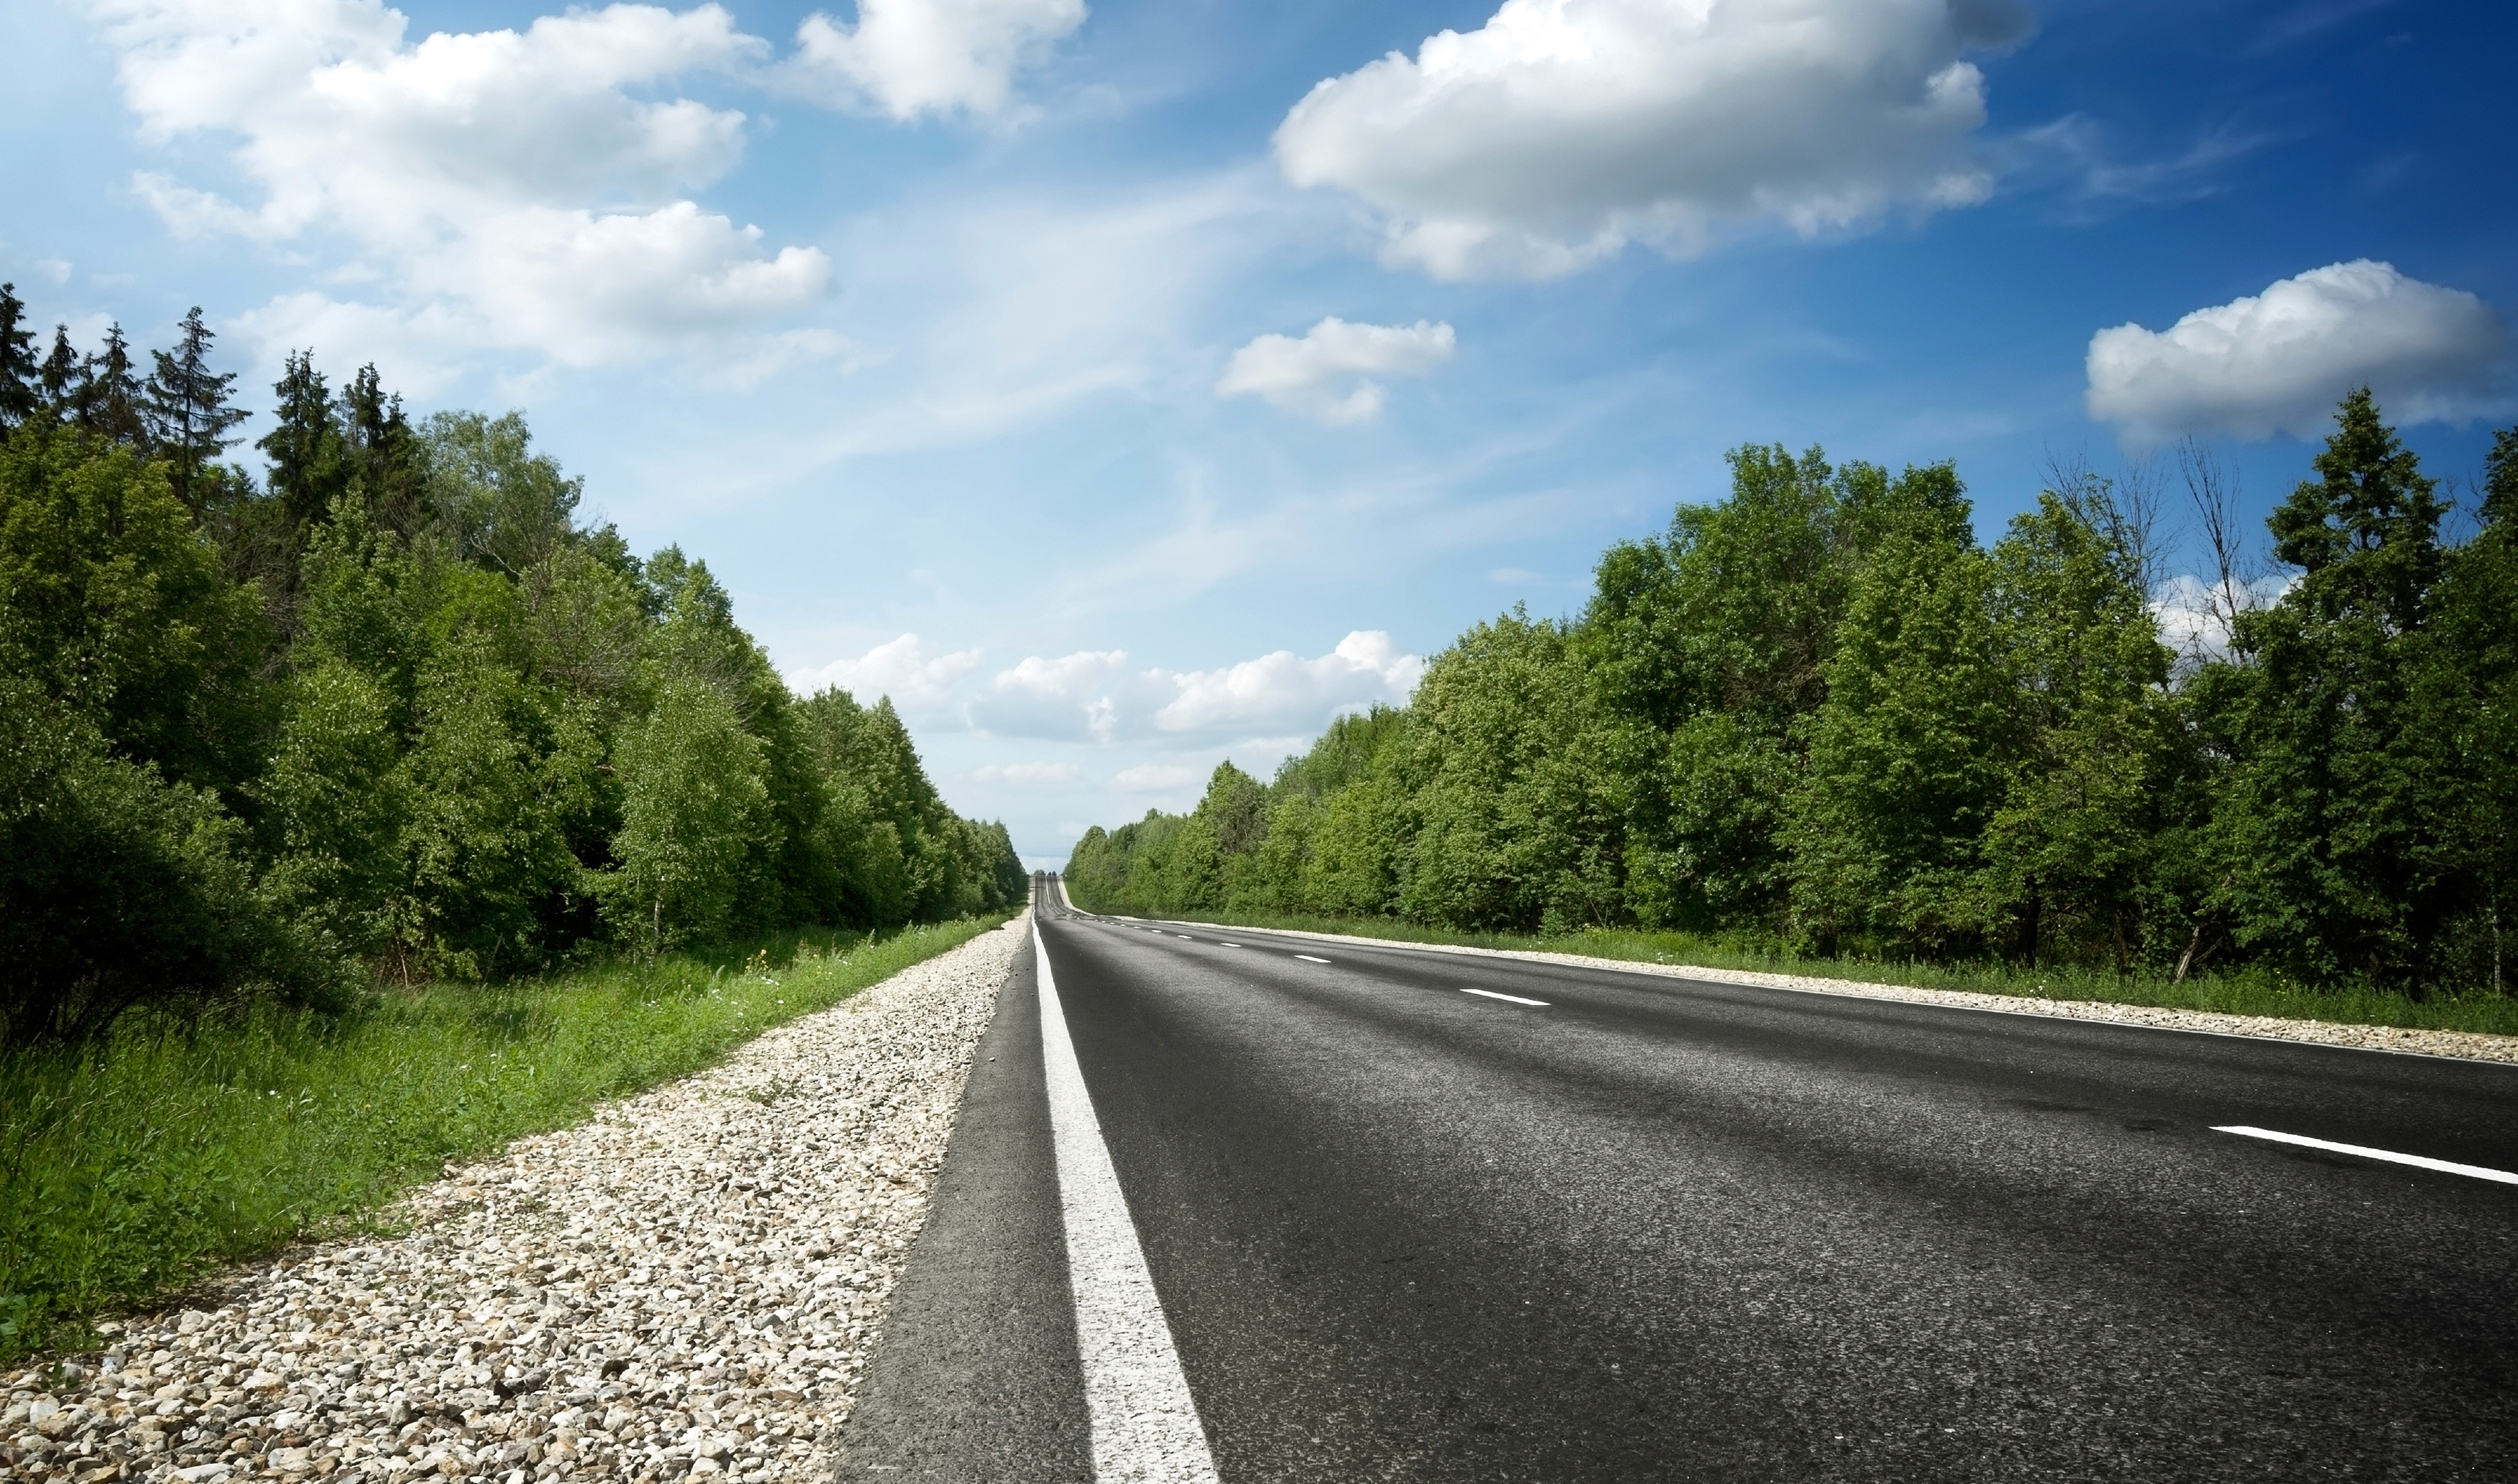 Lege autoweg door landschap met blauwe lucht